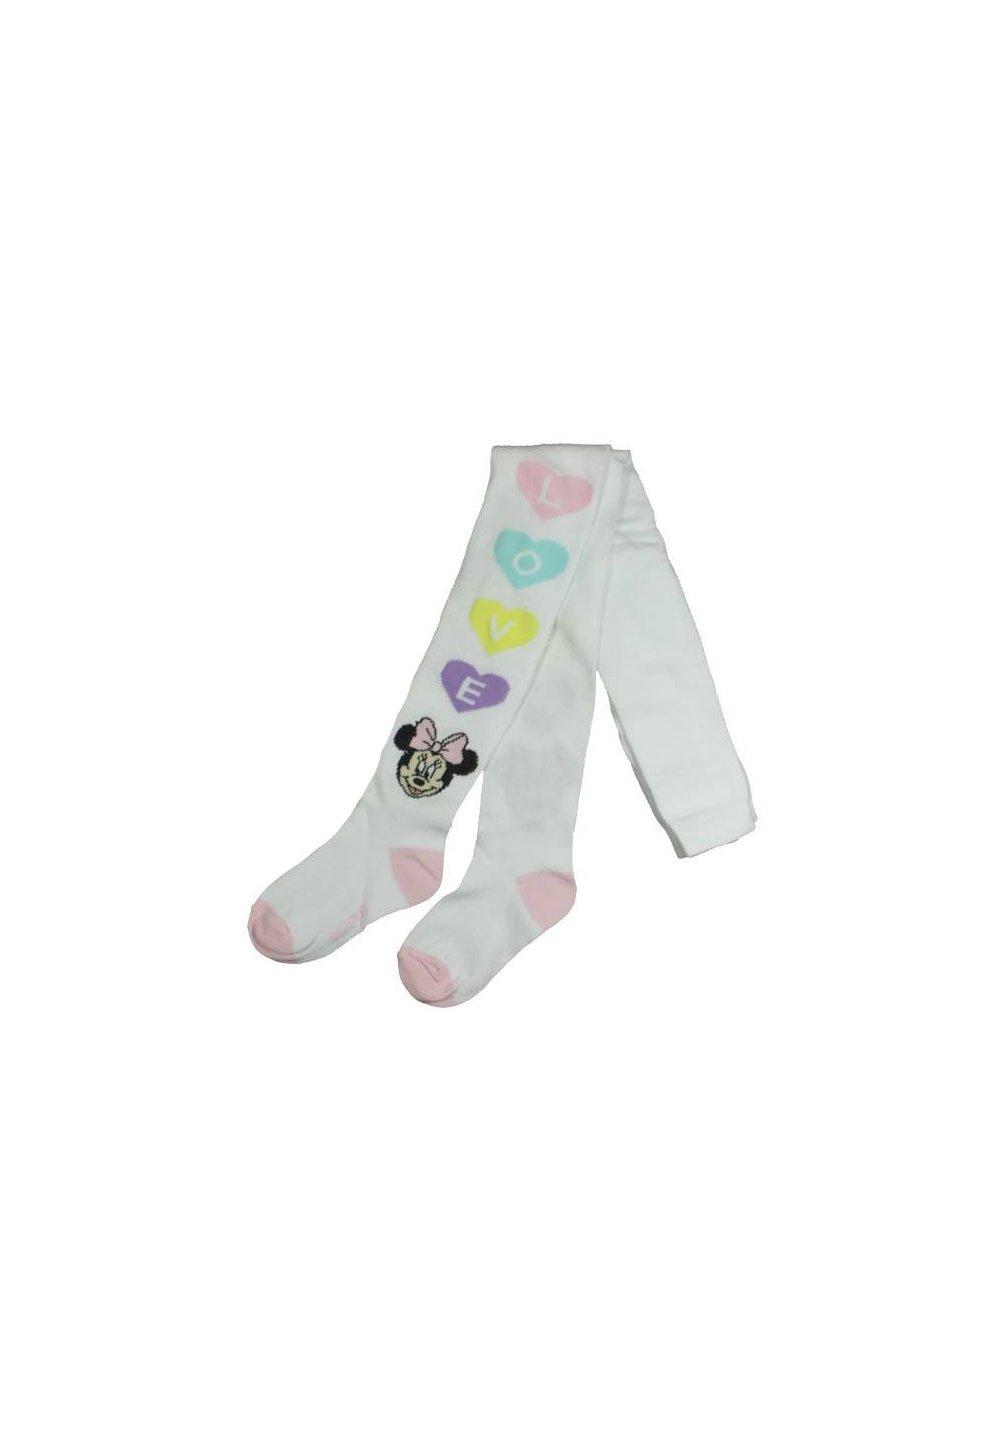 Ciorapi cu chilot, albi, Love, Minnie imagine